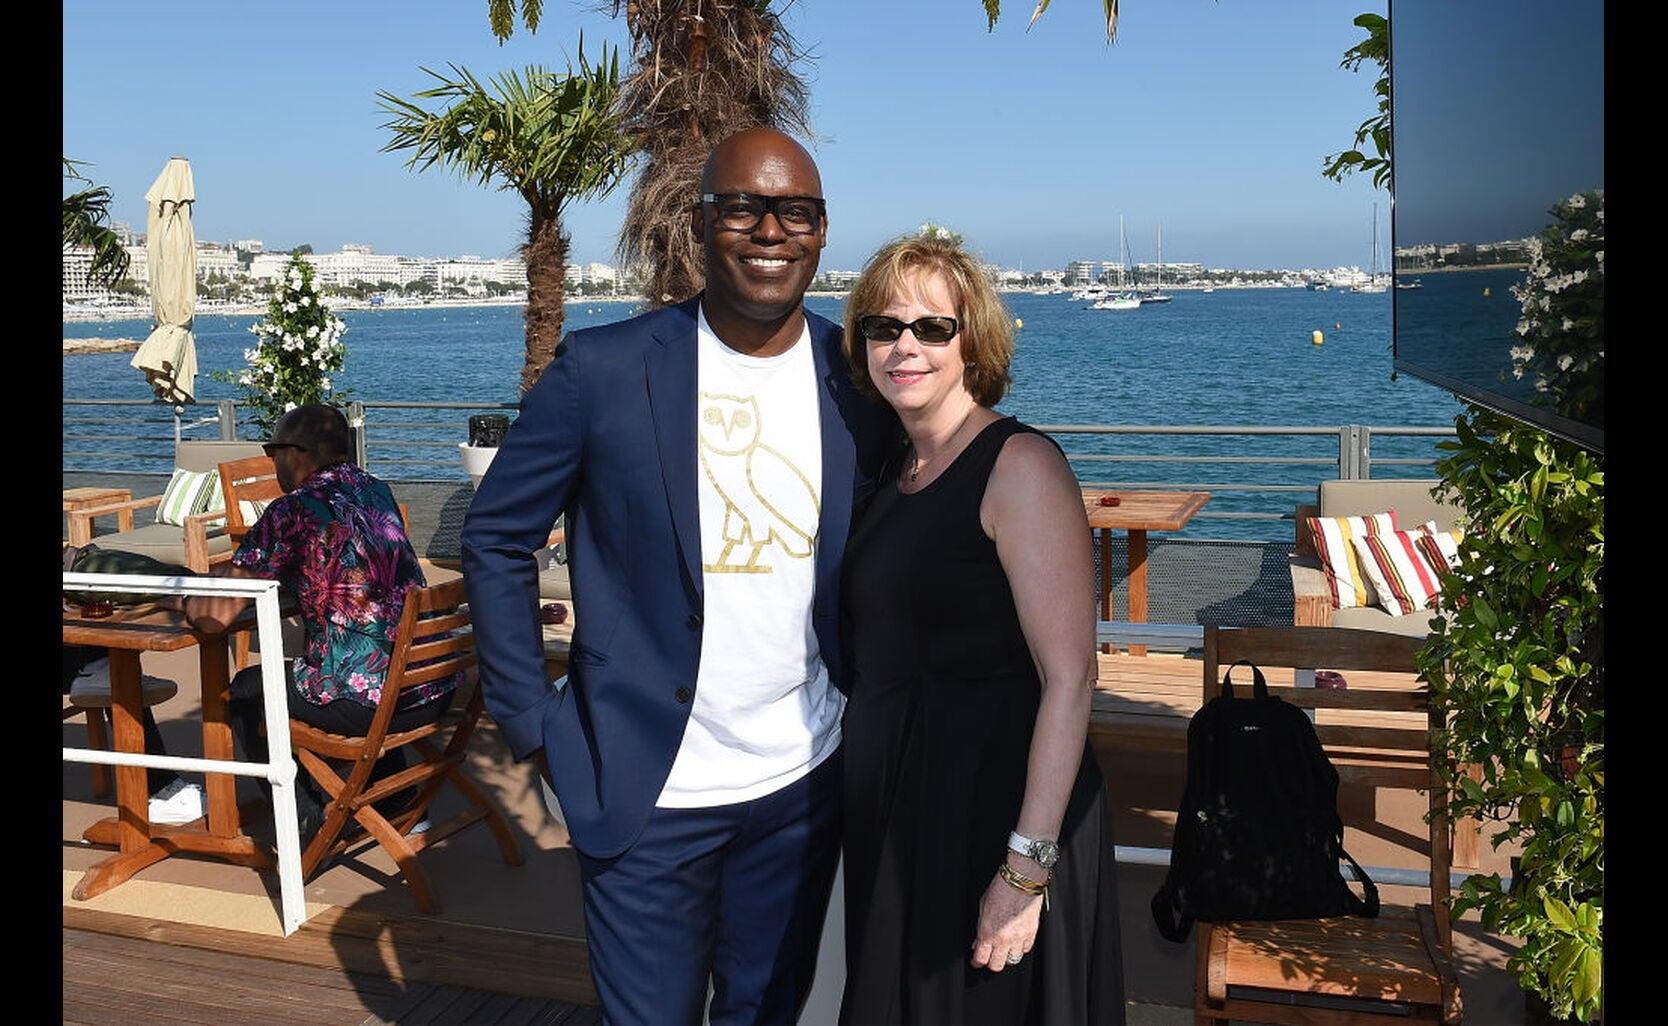 TIFF directors at Cannes 2018